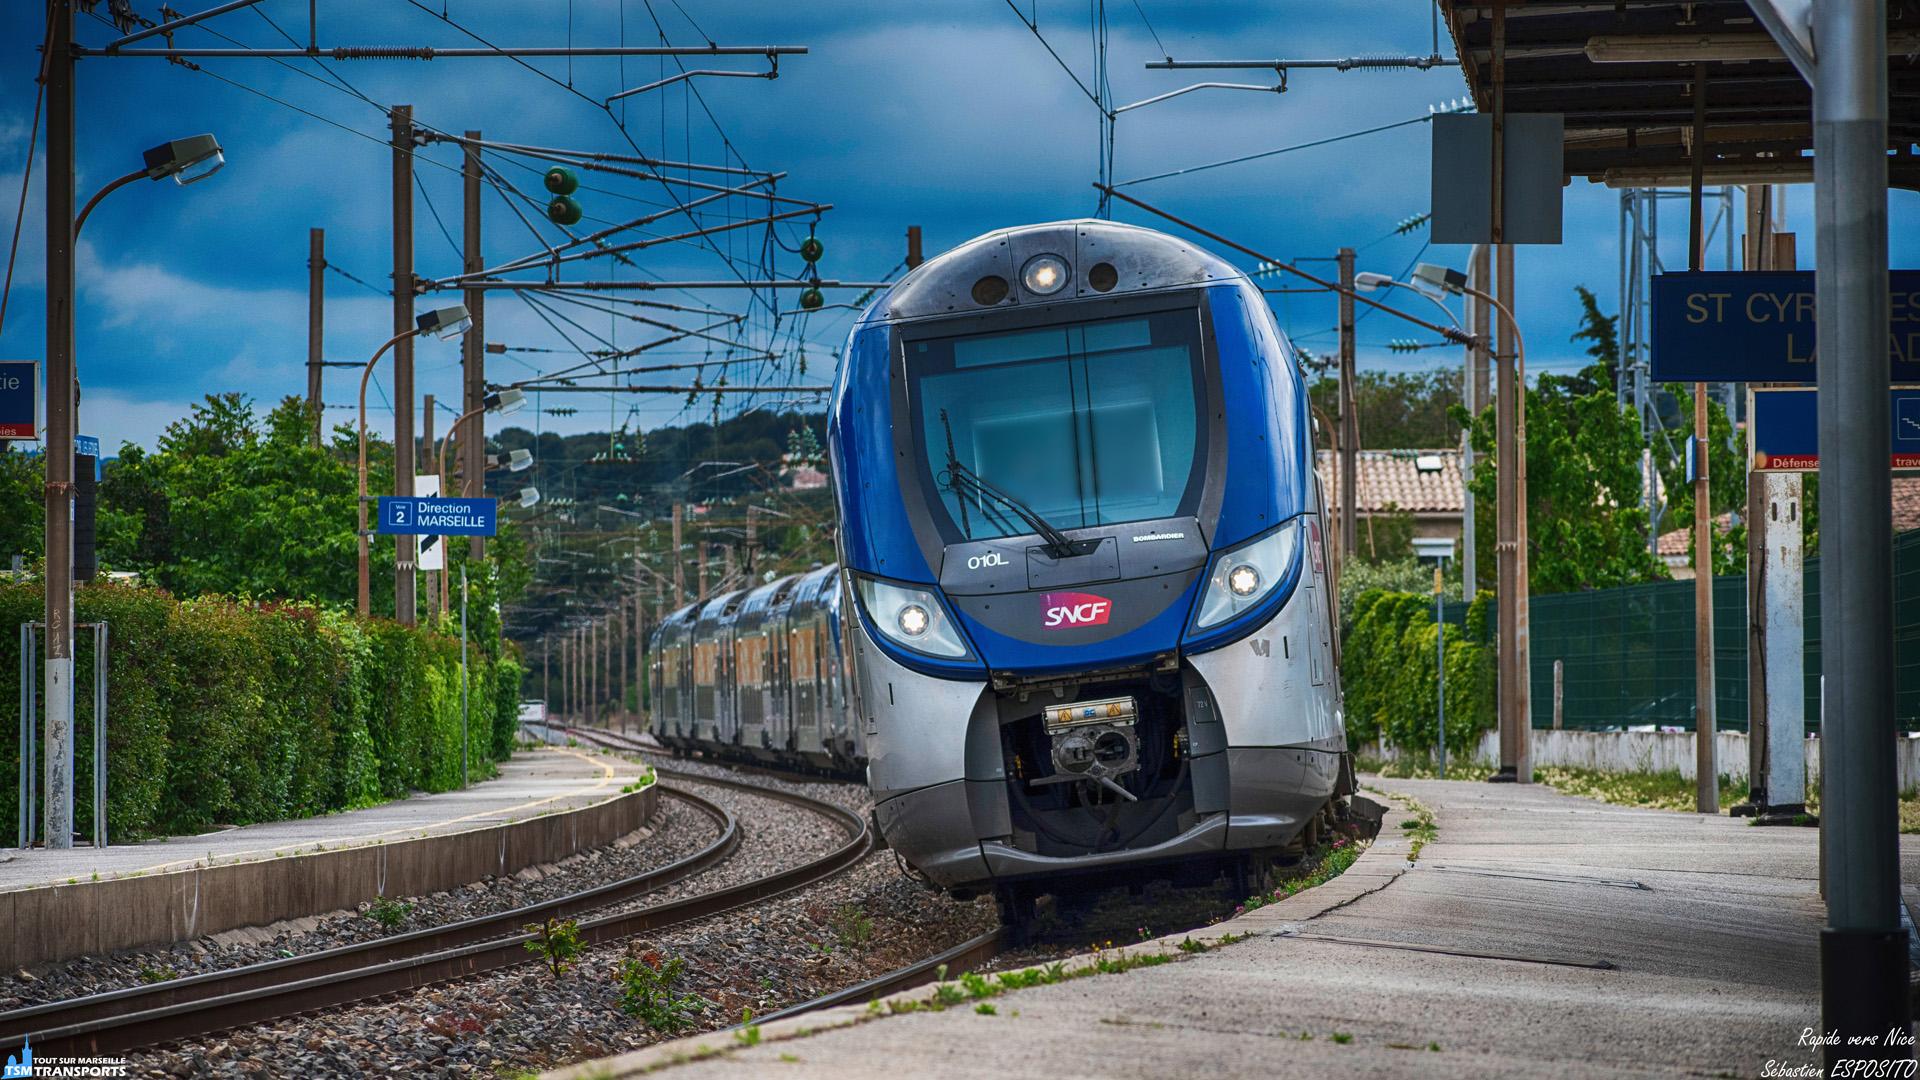 Comme son nom l'indique ce rapide traverse rapidement la gare de Saint Cyr après un sérieux retard suite à une panne de signalisation qui aura perturbé la ligne de Marseille - Vintimille, malgré tout, les choses rentre rapidement dans l'ordre après la résolution rapide de la panne. . ℹ️ Bombardier Regio2n 010L (Z55519/20) en UM avec la 101L (Z55701/02) SNCF. . 📍 Gare de Saint Cyr Les Lecques La Cadière, Place de la Gare, 83270 Saint-Cyr-sur-Mer. . ↔️ TER 17482 : Marseille Saint Charles - Nice . 📸 Nikon D5600. . 📷 Nikkor 70-300mm. . 📅 19 Mai 2019 à 17:48. . 👨 Sébastien ESPOSITO.